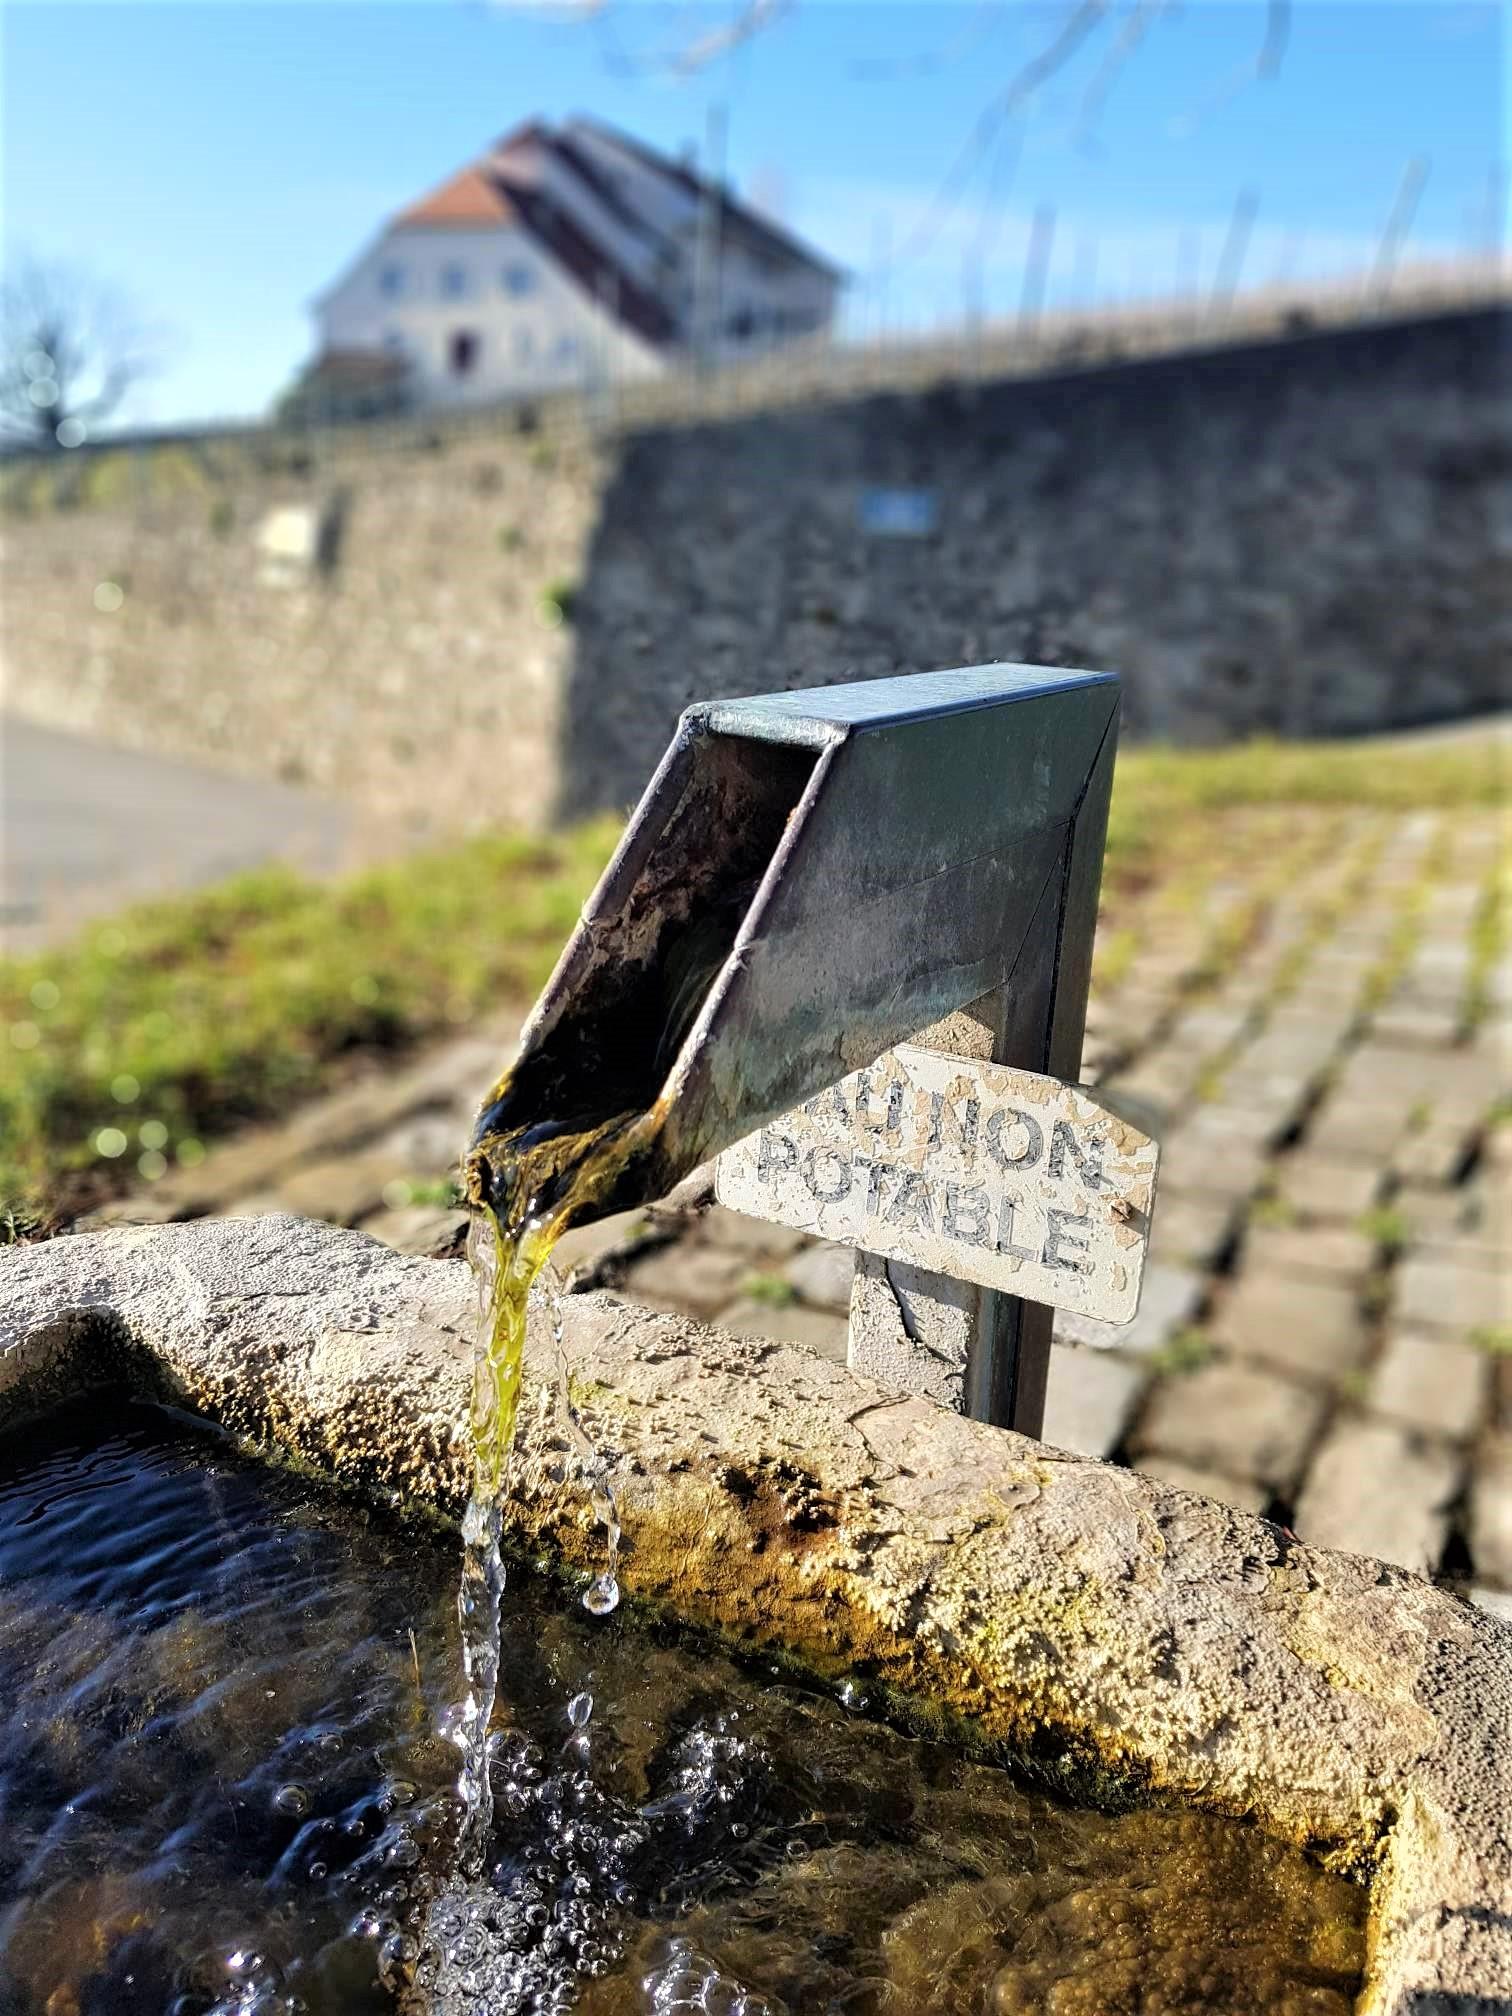 Clioandco-blog-voyage-lausanne-suisse-canton-de-vaud-Lavaux-balade-fontaine